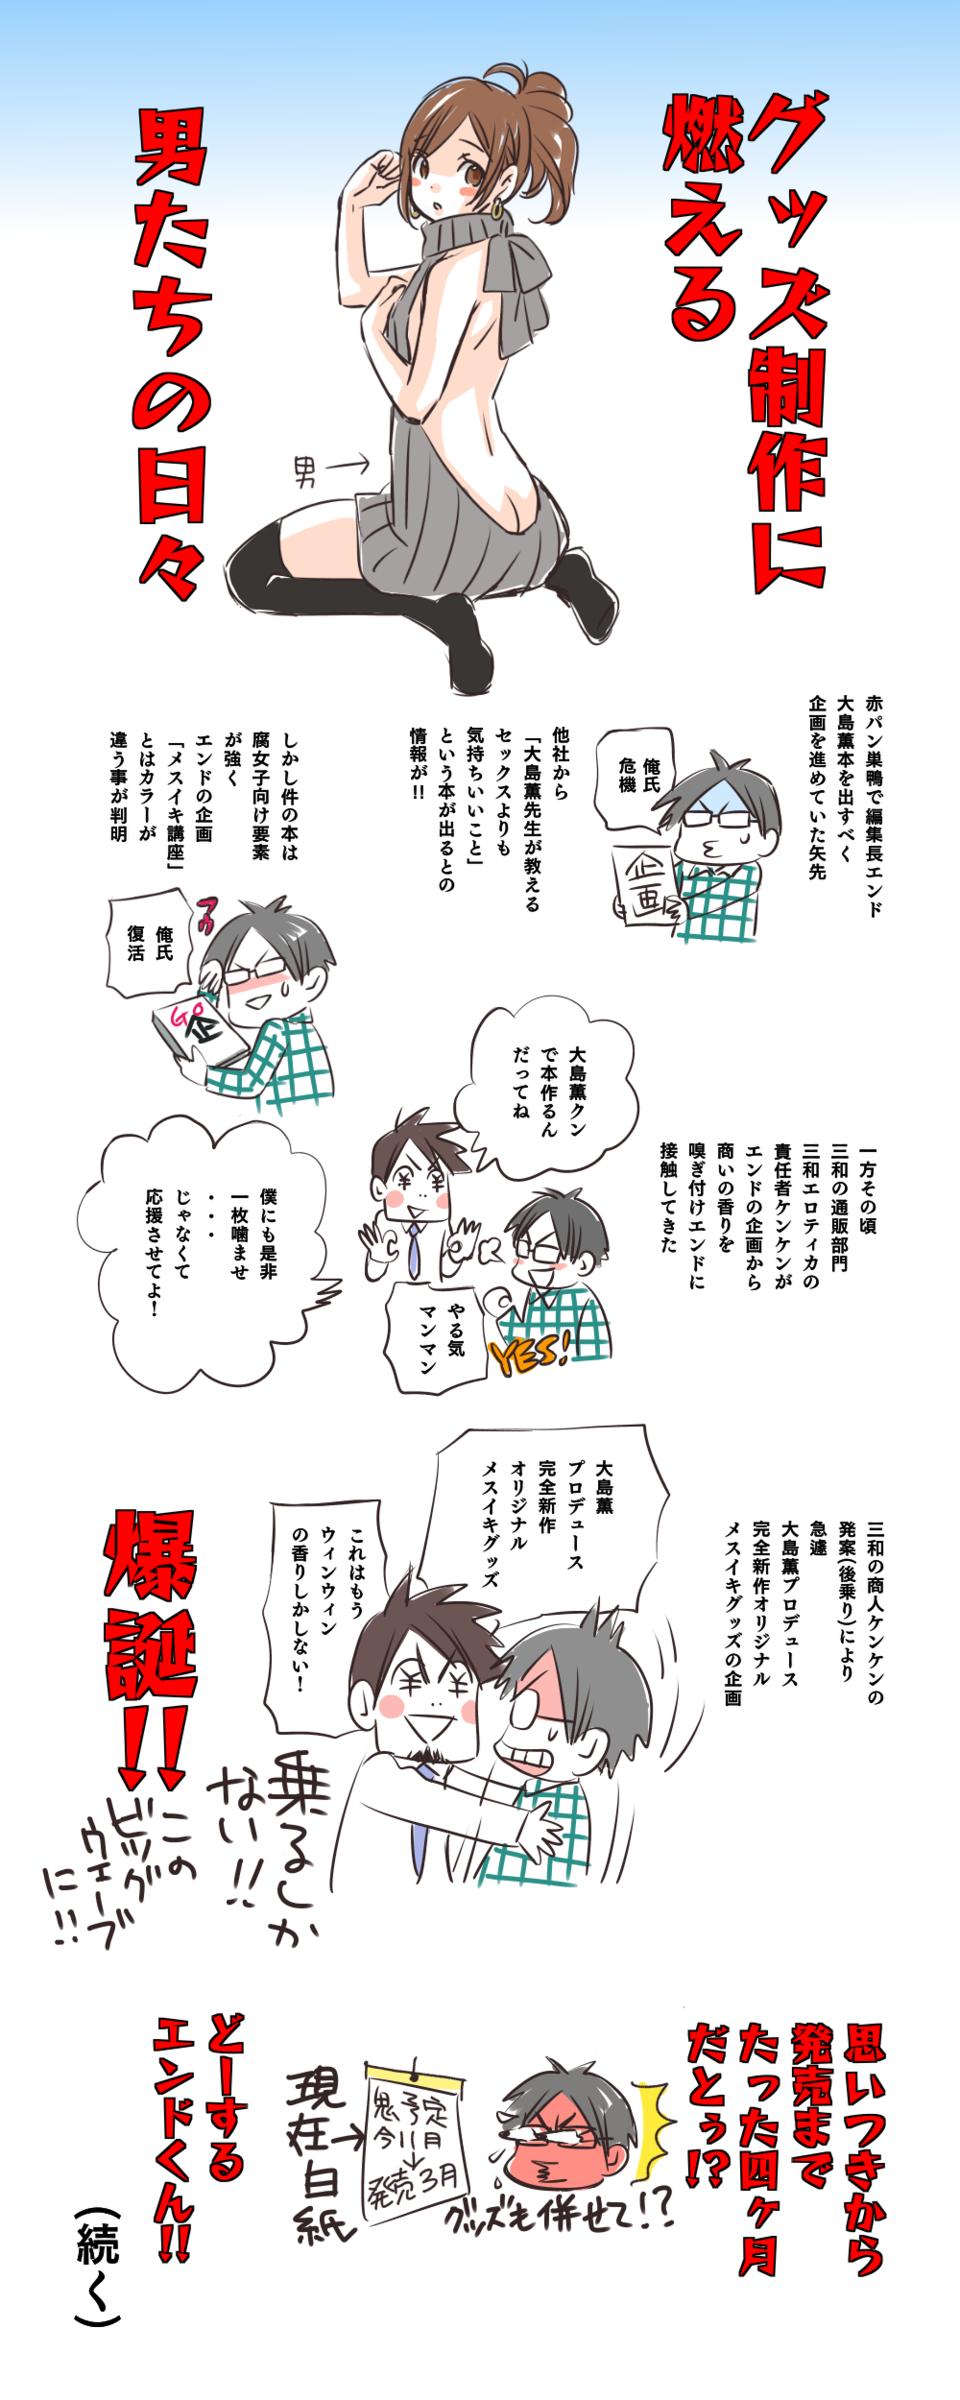 ゲイ 漫画 メスイキ イキ